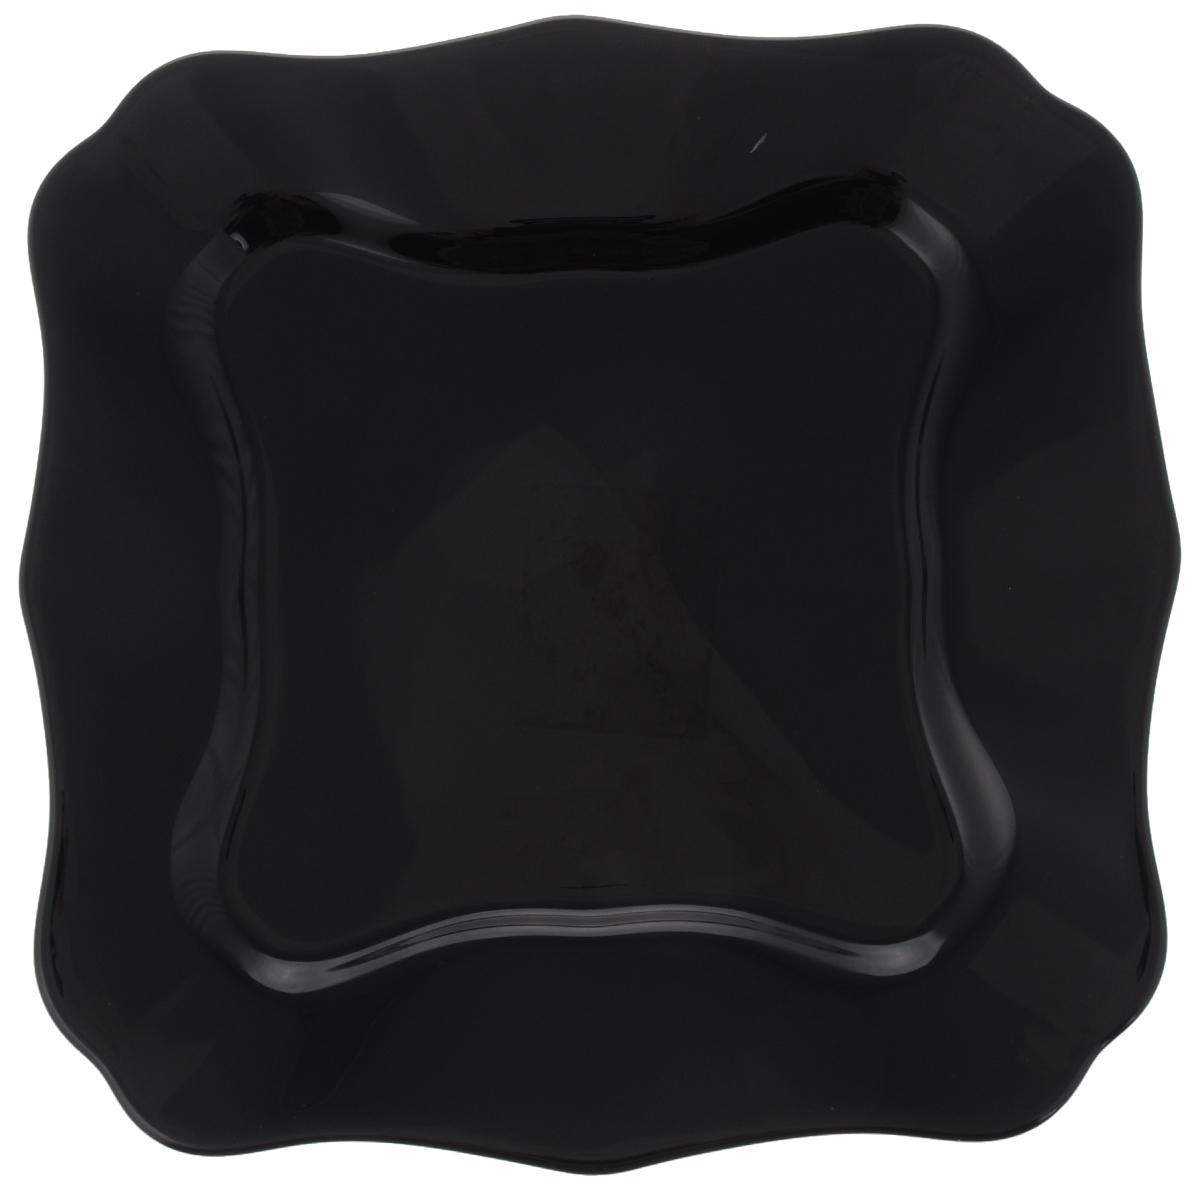 Тарелка обеденная Luminarc Authentic Black, 26 х 26 см54 009312Обеденная тарелка Luminarc Authentic Black, изготовленная из высококачественного стекла, имеет изысканный внешний вид. Яркий дизайн придется по вкусу и ценителям классики, и тем, кто предпочитает утонченность. Тарелка Luminarc Authentic Black идеально подойдет для сервировки стола и станет отличным подарком к любому празднику.Размер тарелки (по верхнему краю): 26 х 26 см.